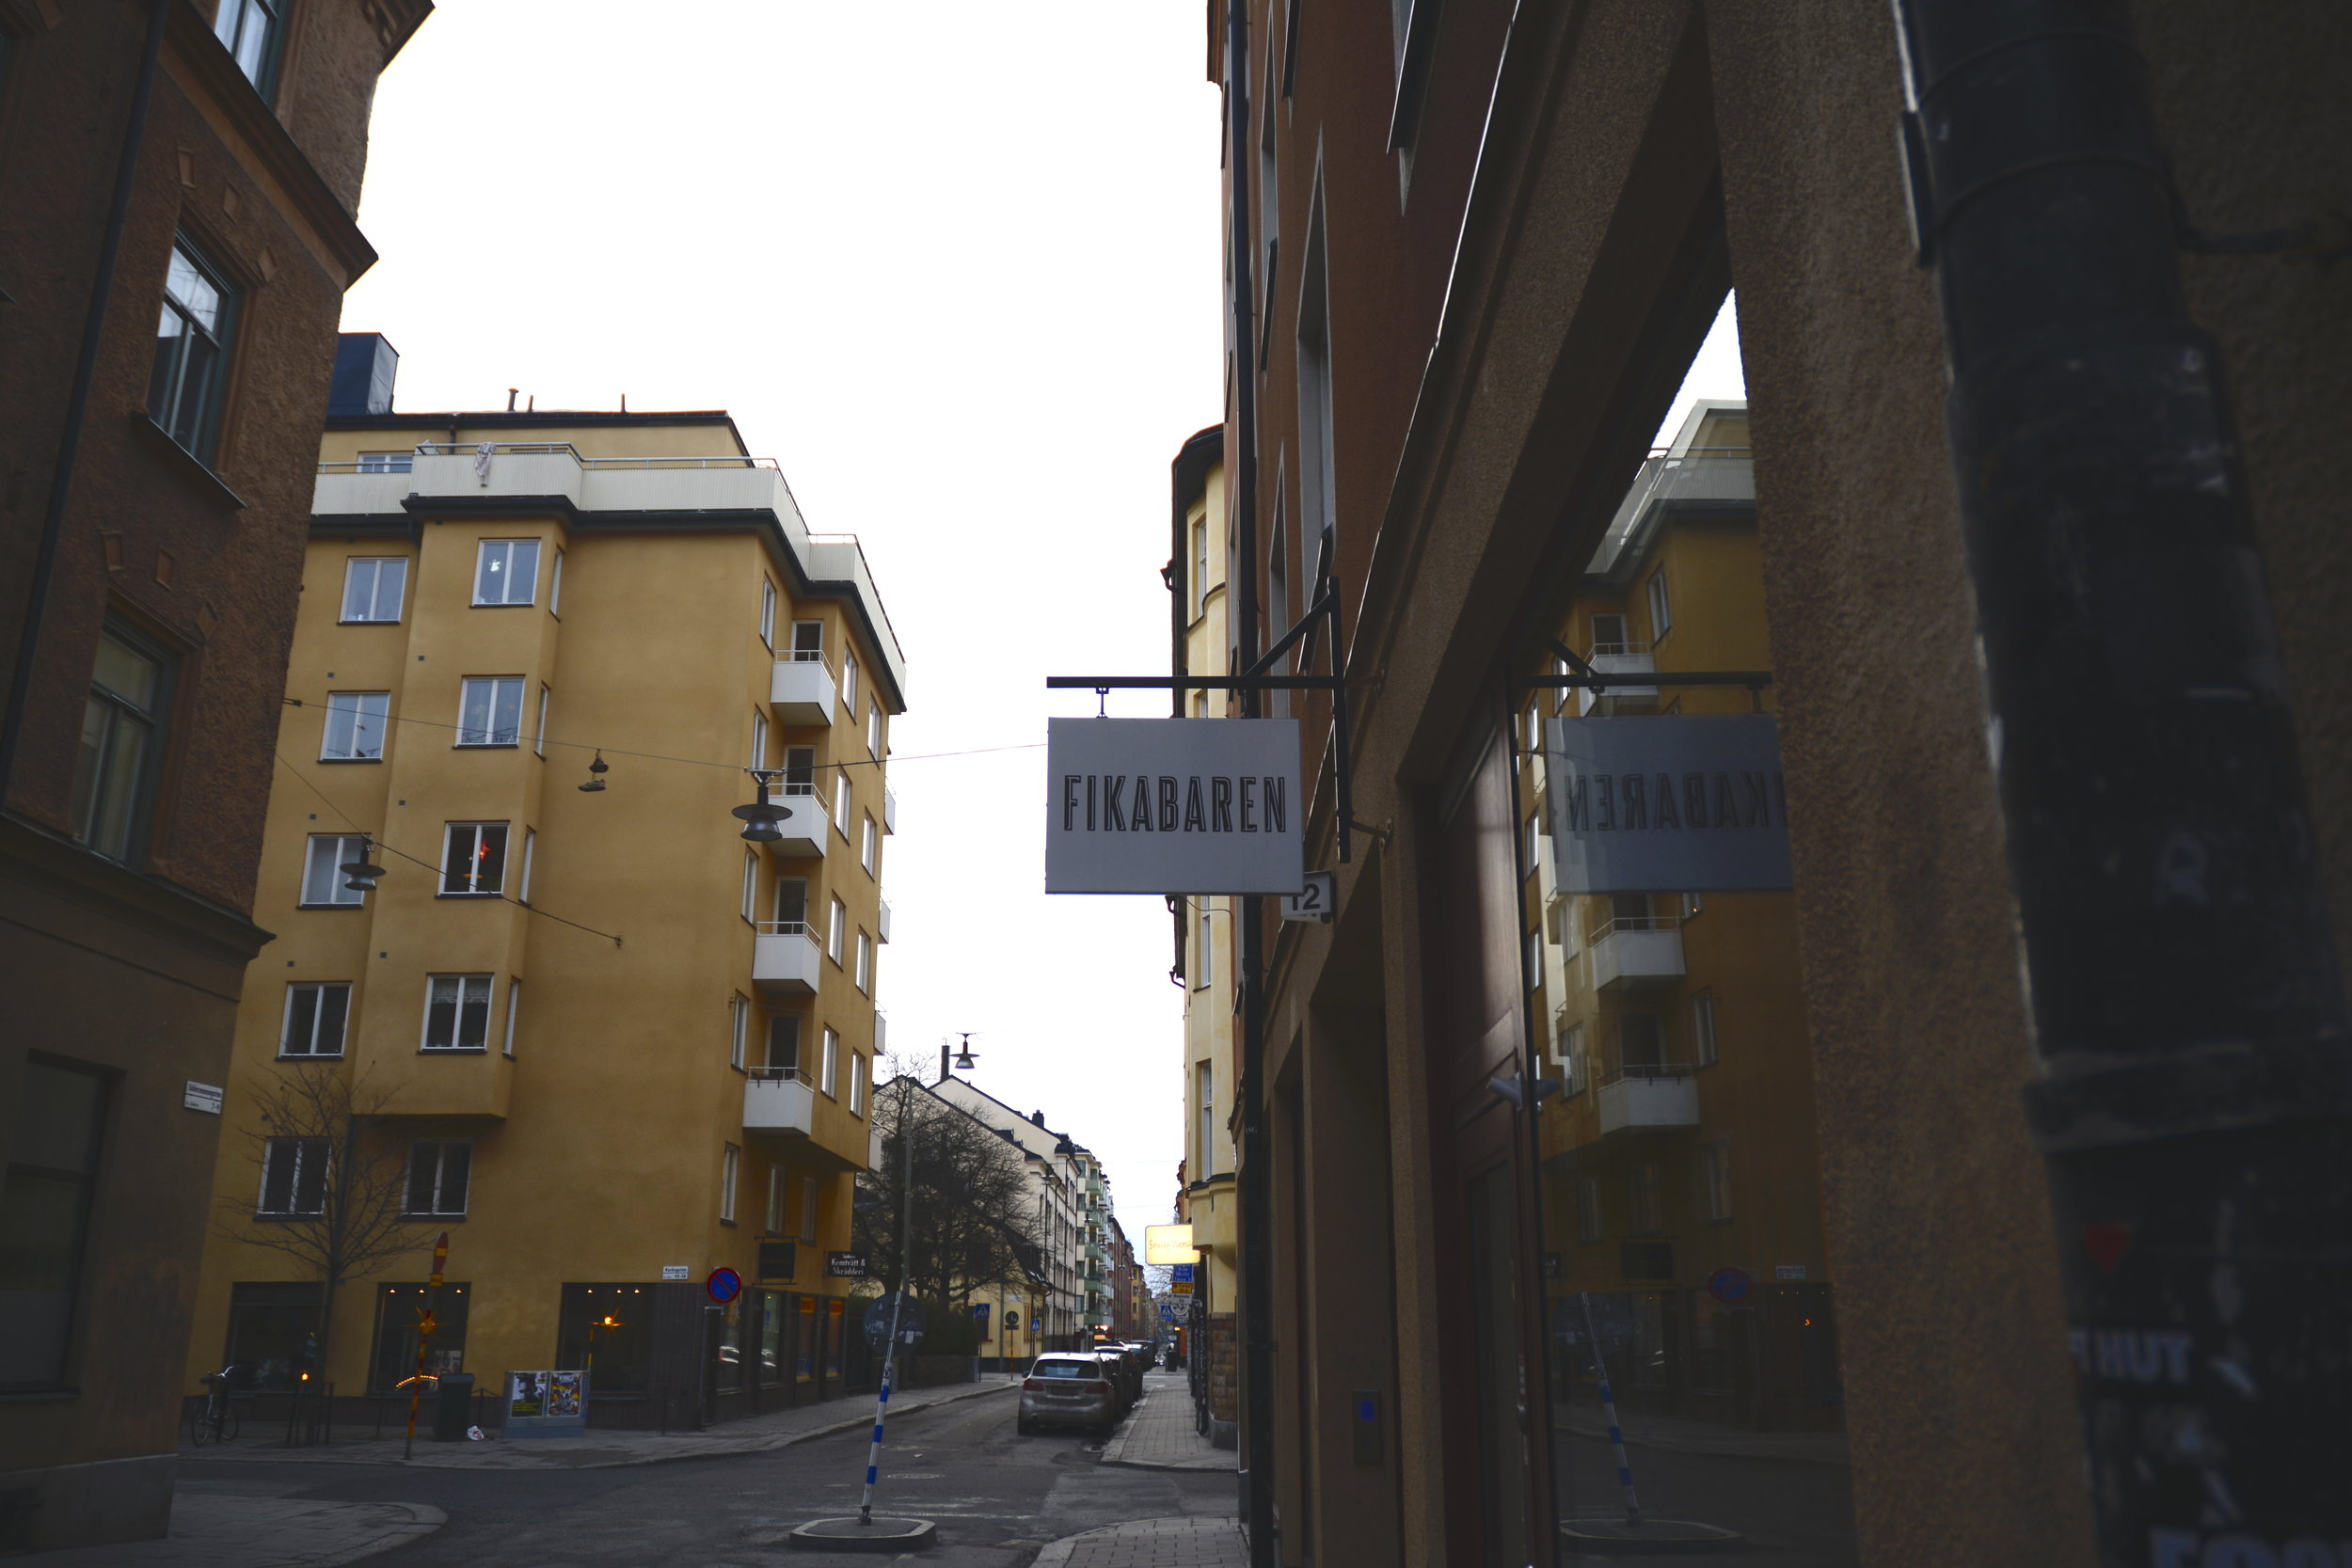 Fikabaren (Stockholm, Sweden)